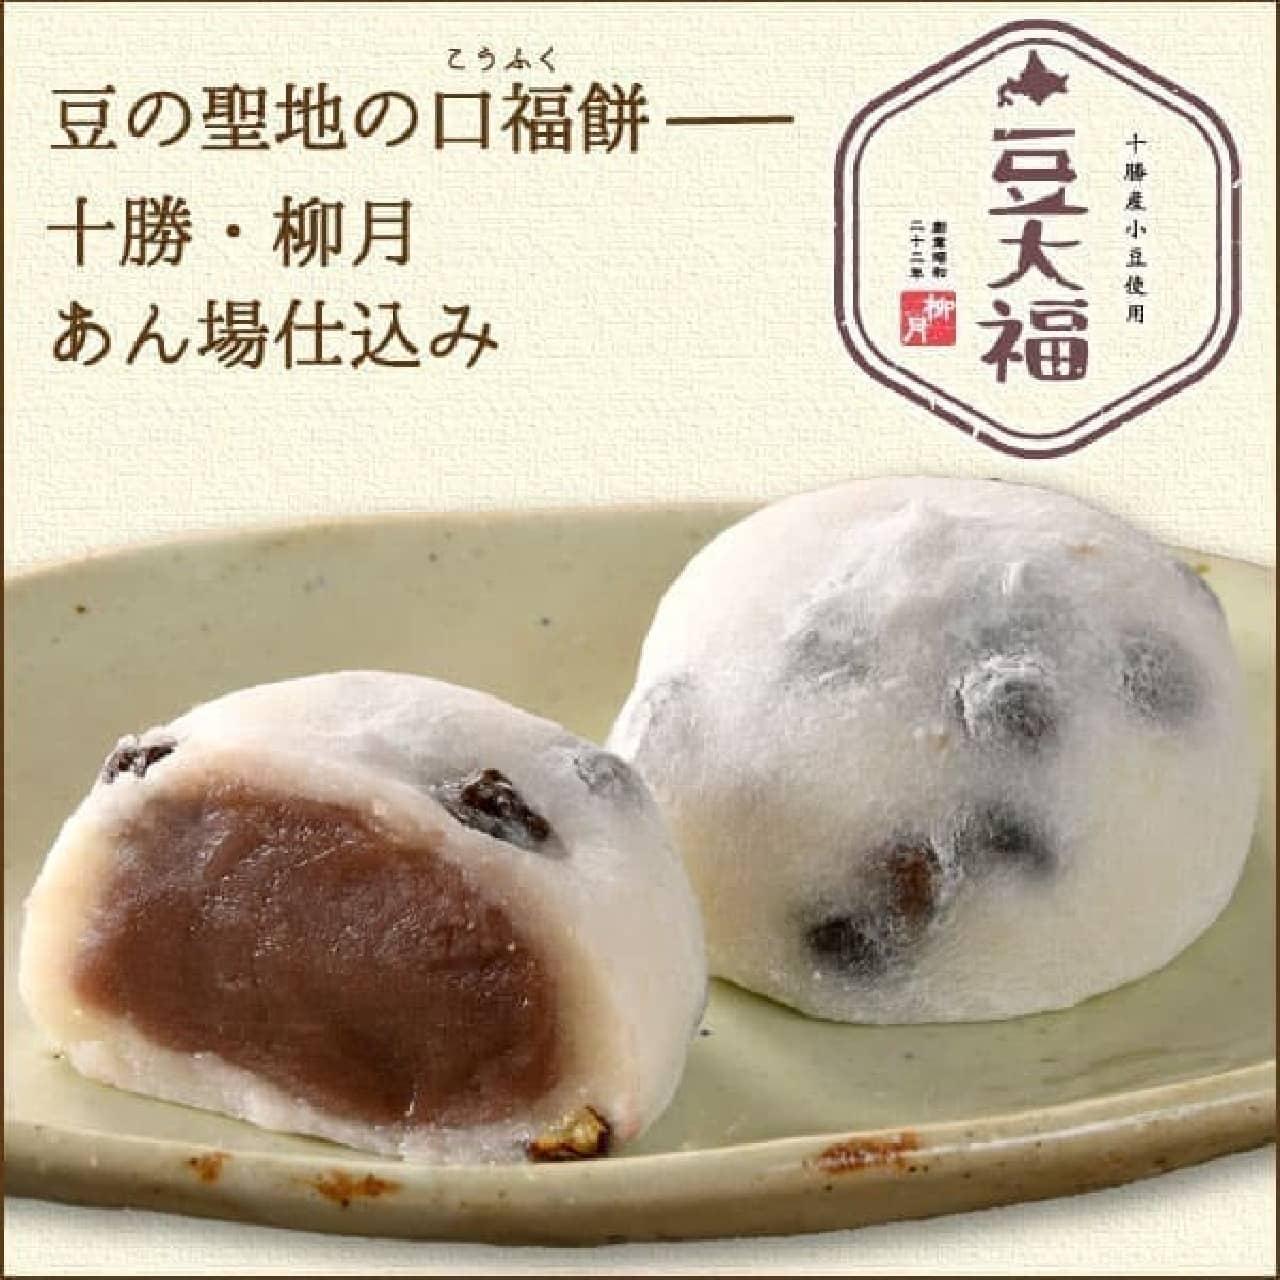 柳月「あんこ大好きセット」豆大福